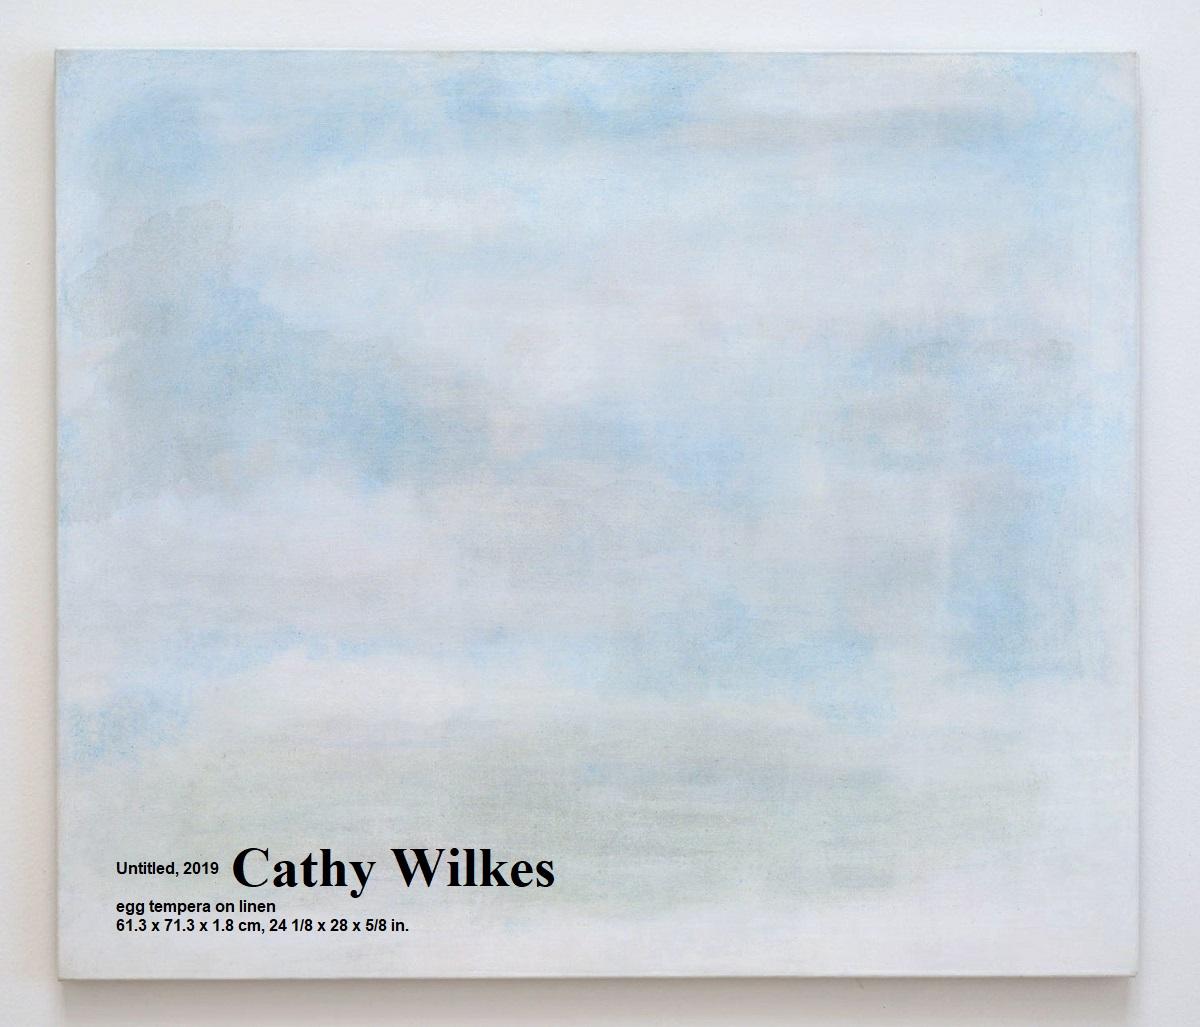 70 200 фунтов стерлингов было использовано на картину белфастской художницы Кэти Уилкс